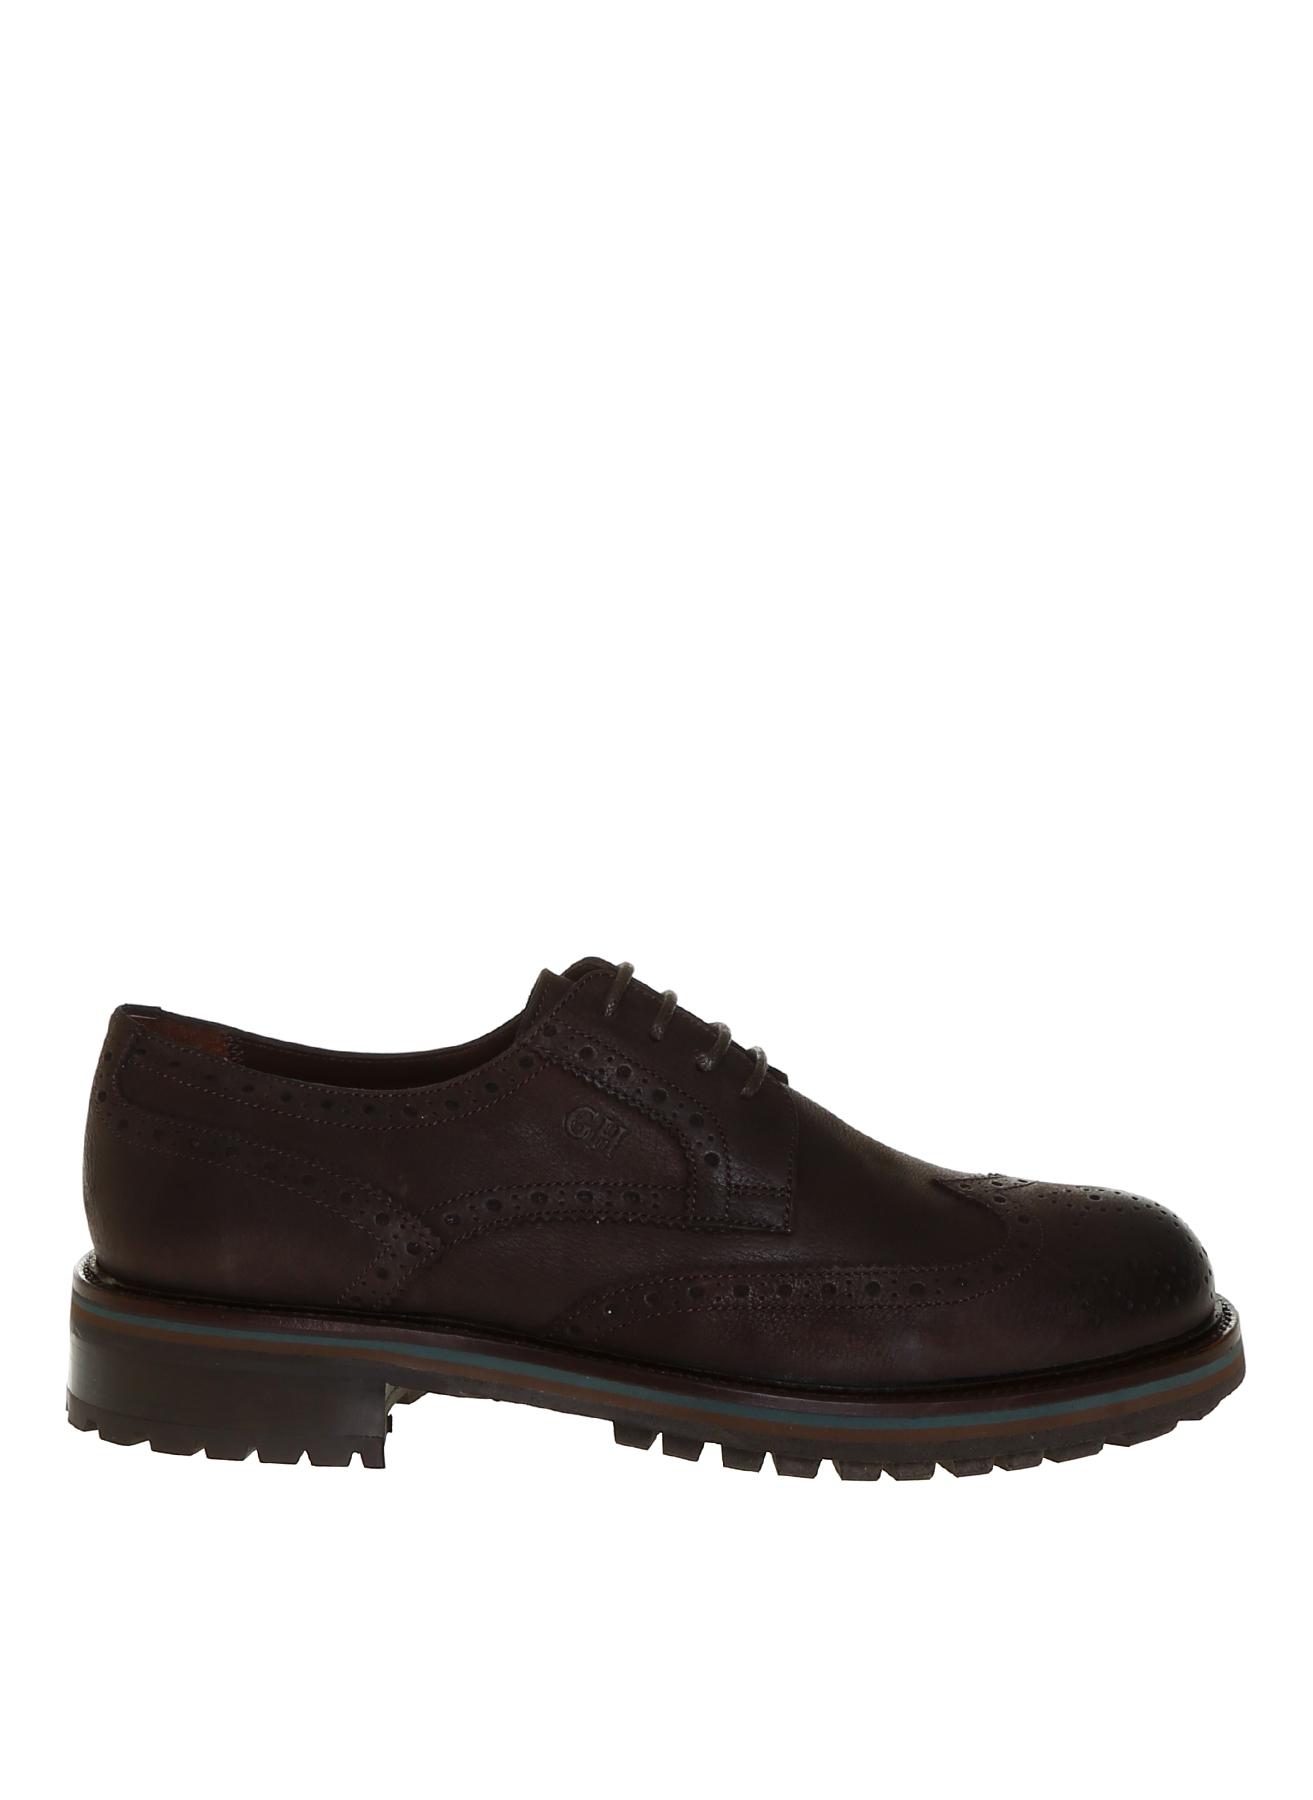 George Hogg Klasik Ayakkabı 44 5002327091005 Ürün Resmi